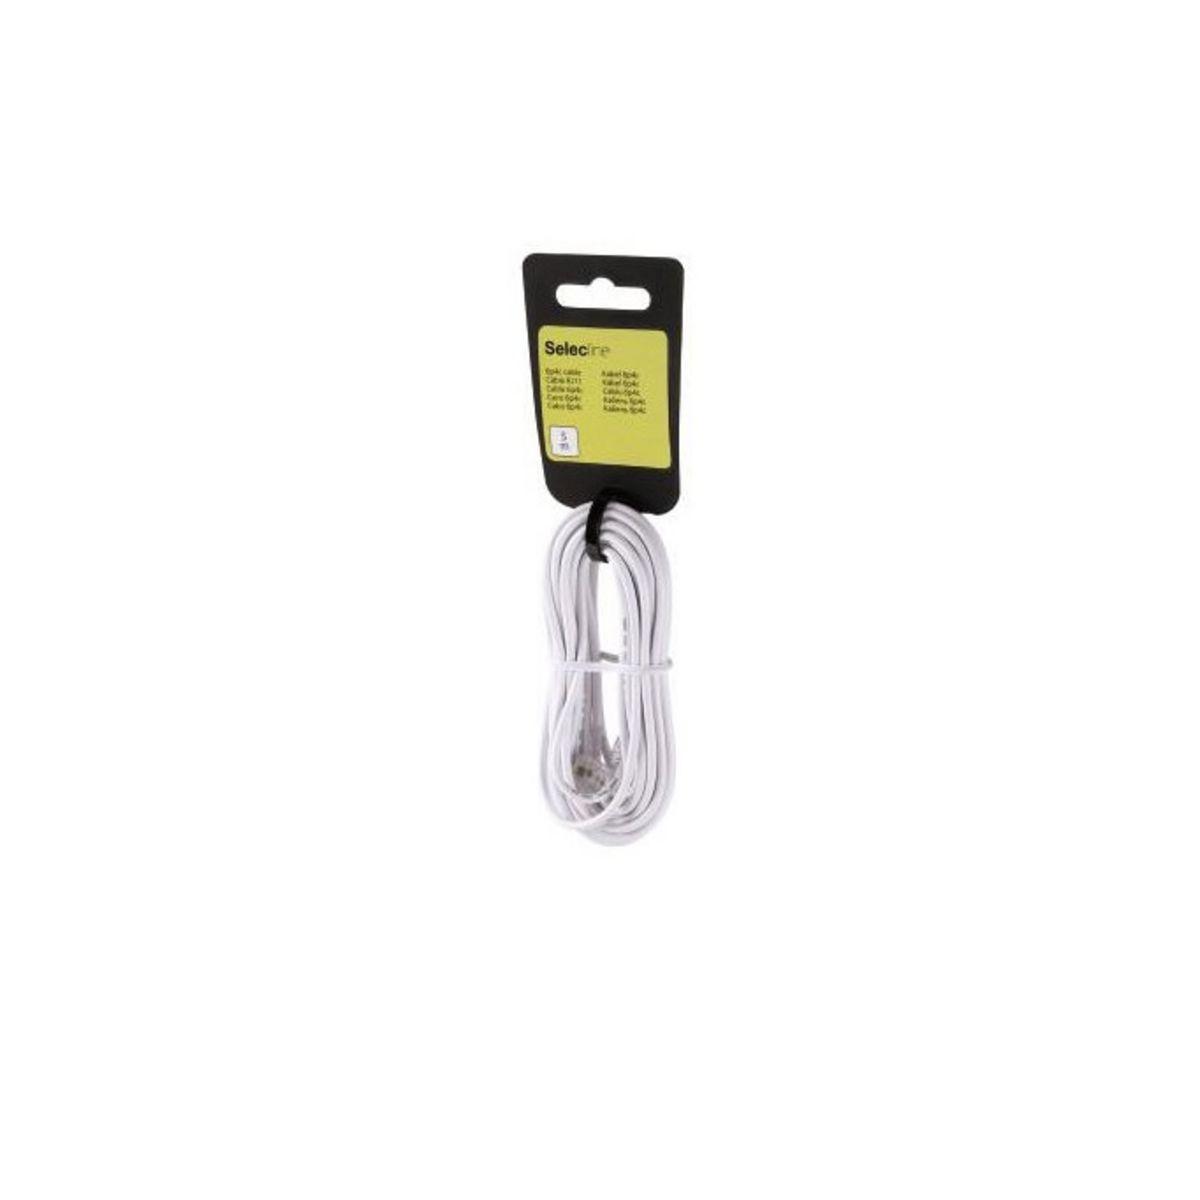 SELECLINE Accessoires Téléphone Résidentiel Cable RJ11 Blanc